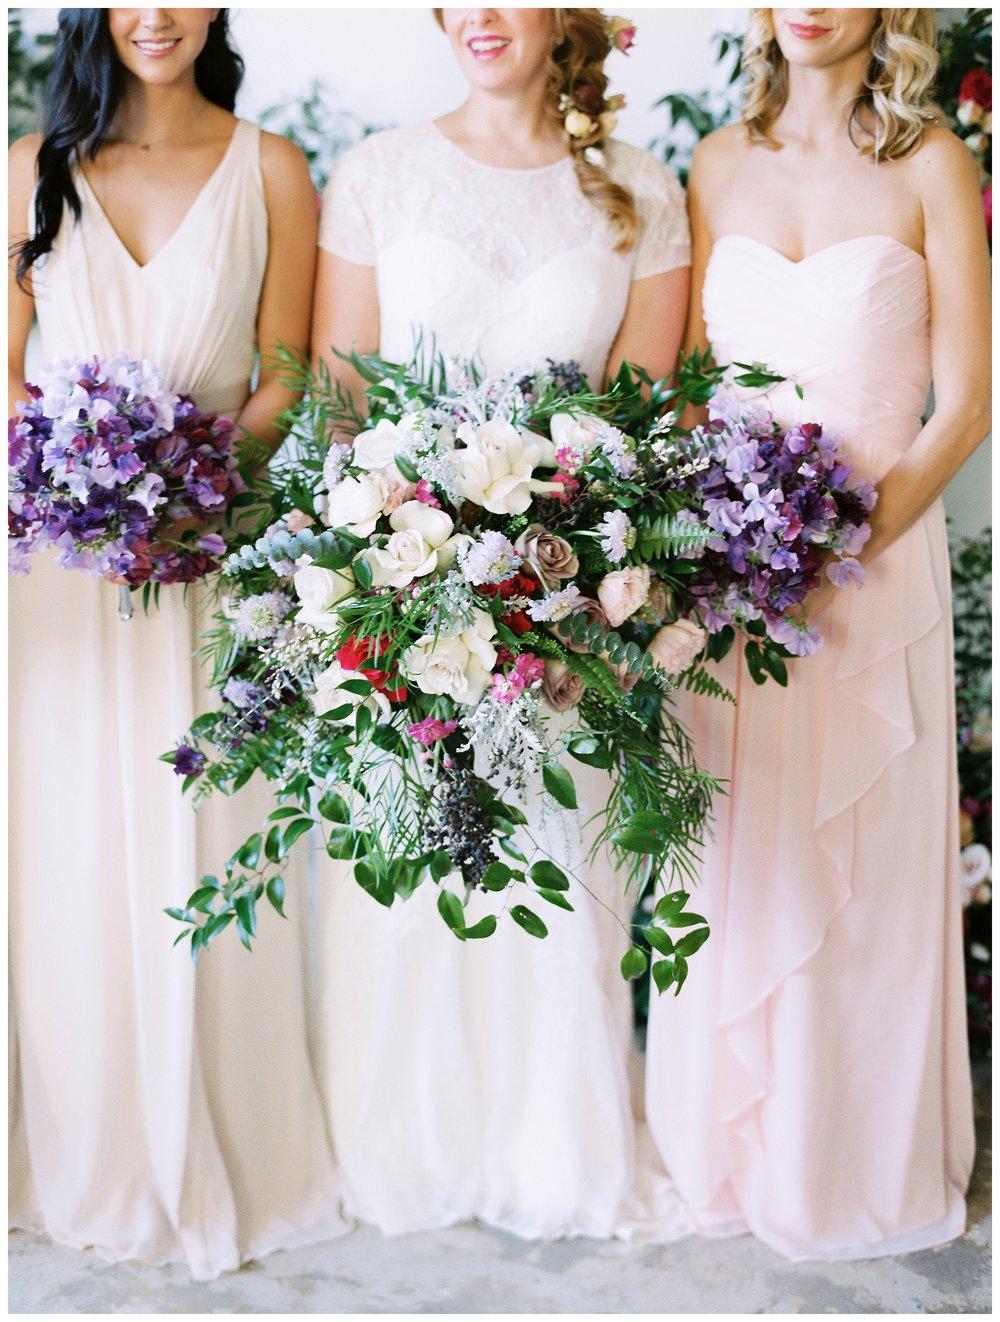 2020_Wedding_Trends_Pantone_0029.jpg